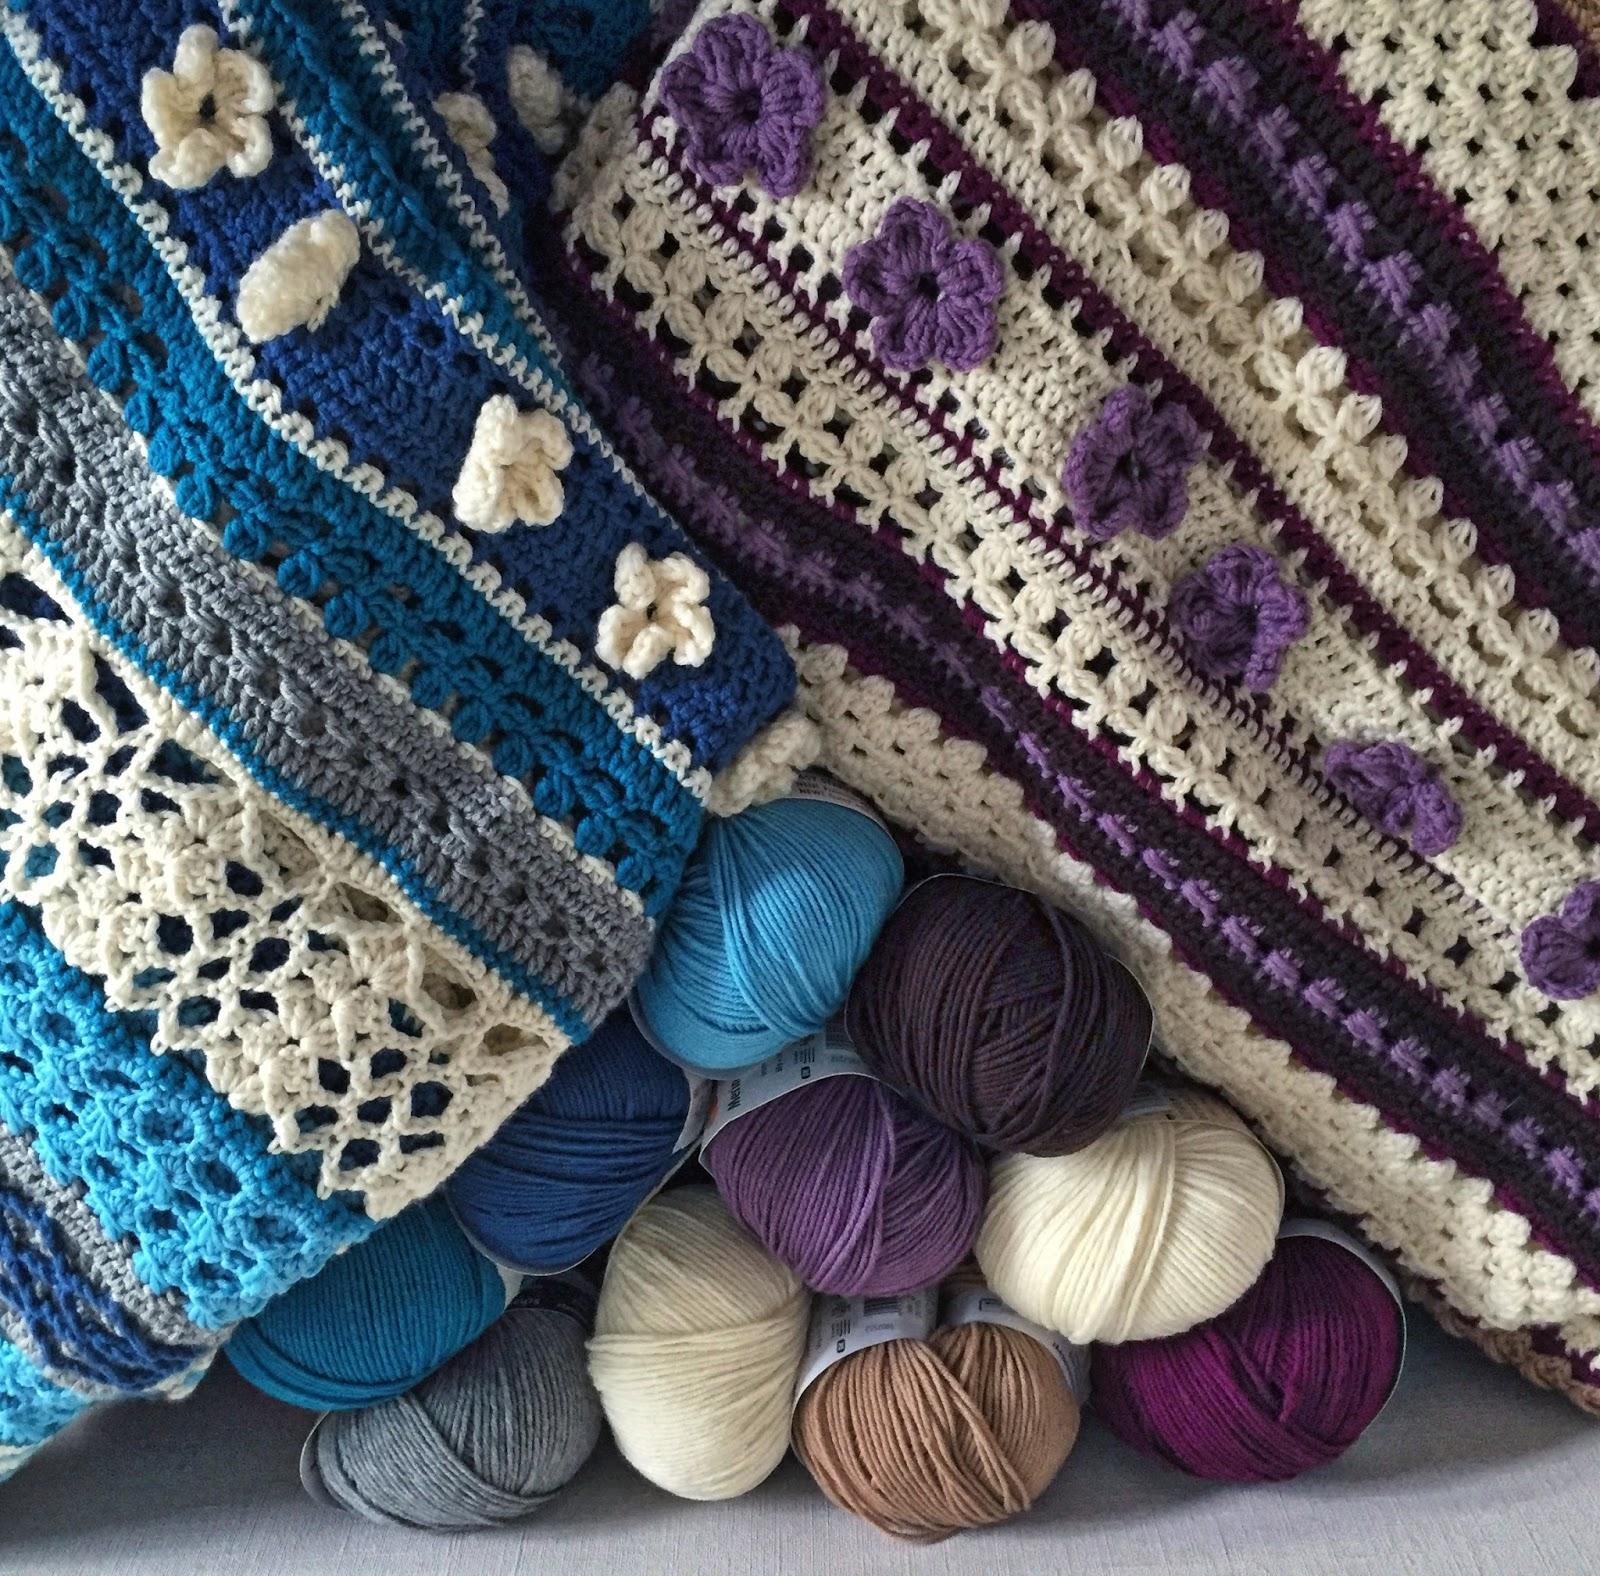 Crochet Along 2017 : ... crochet crochet along 2016 haken mix n match crochet along 2016 week39